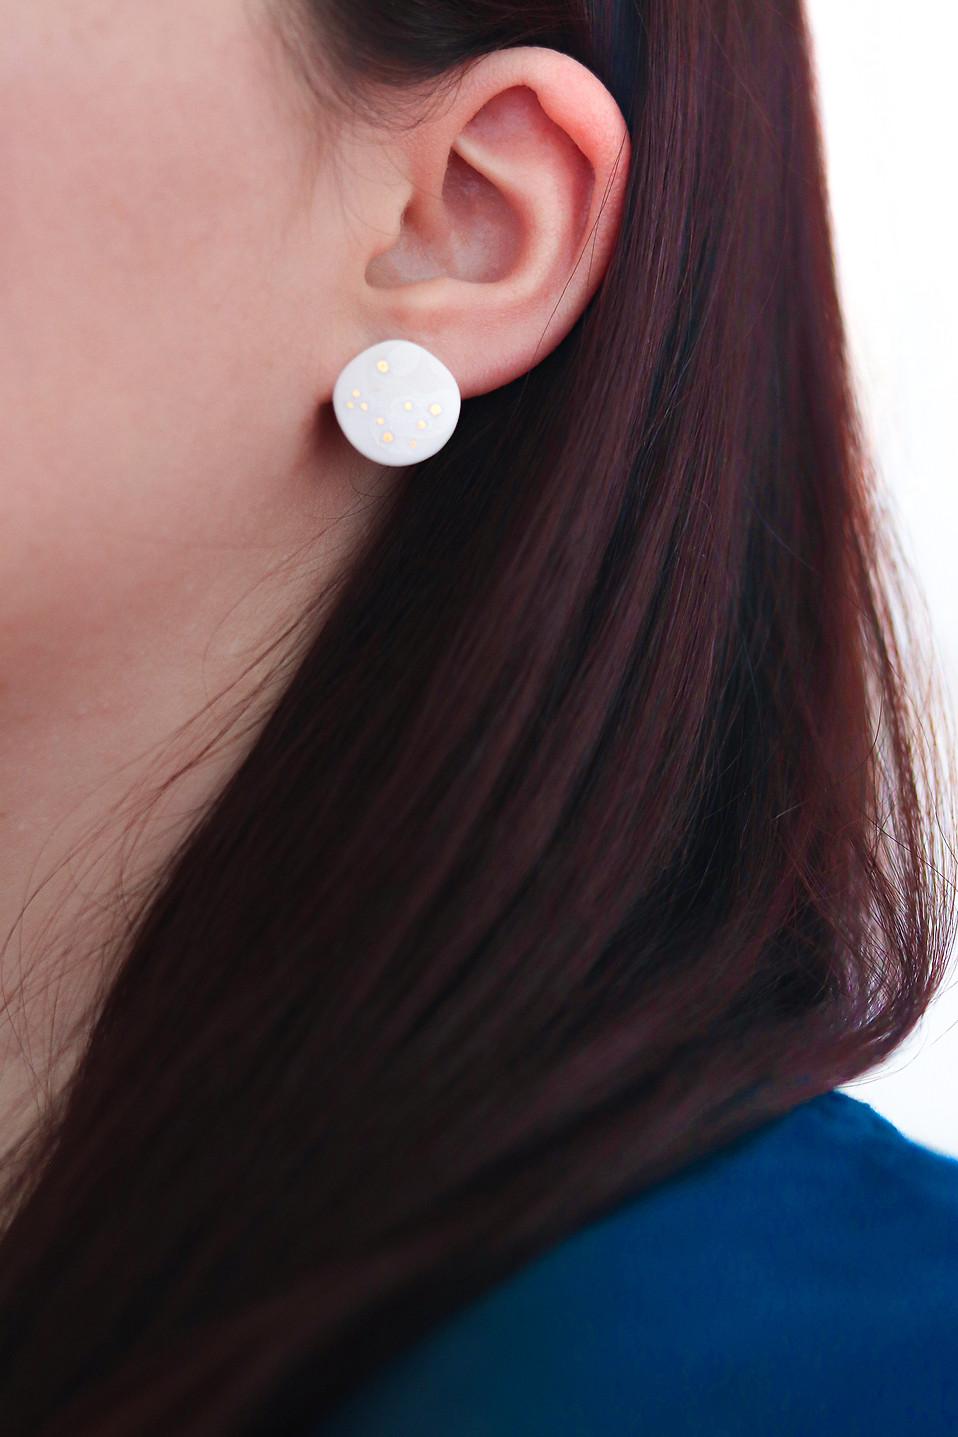 Puces d'oreilles en porcelaine blanche et or - Camille Estivals